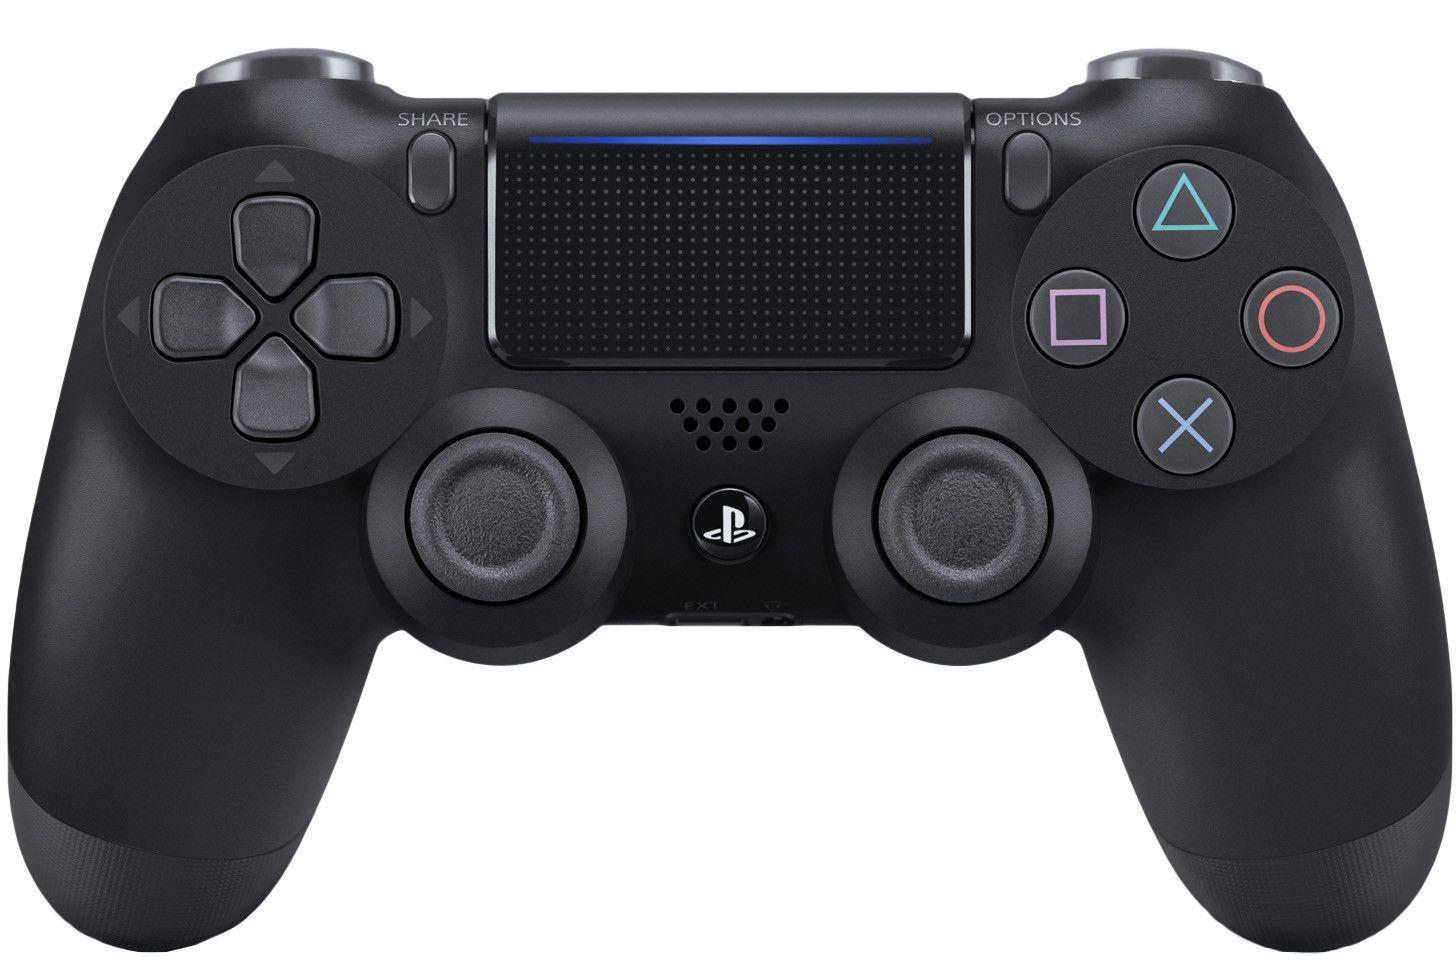 Sony DualShock 4 V2, schwarz für 40€ inkl. Versand [Check24 App]